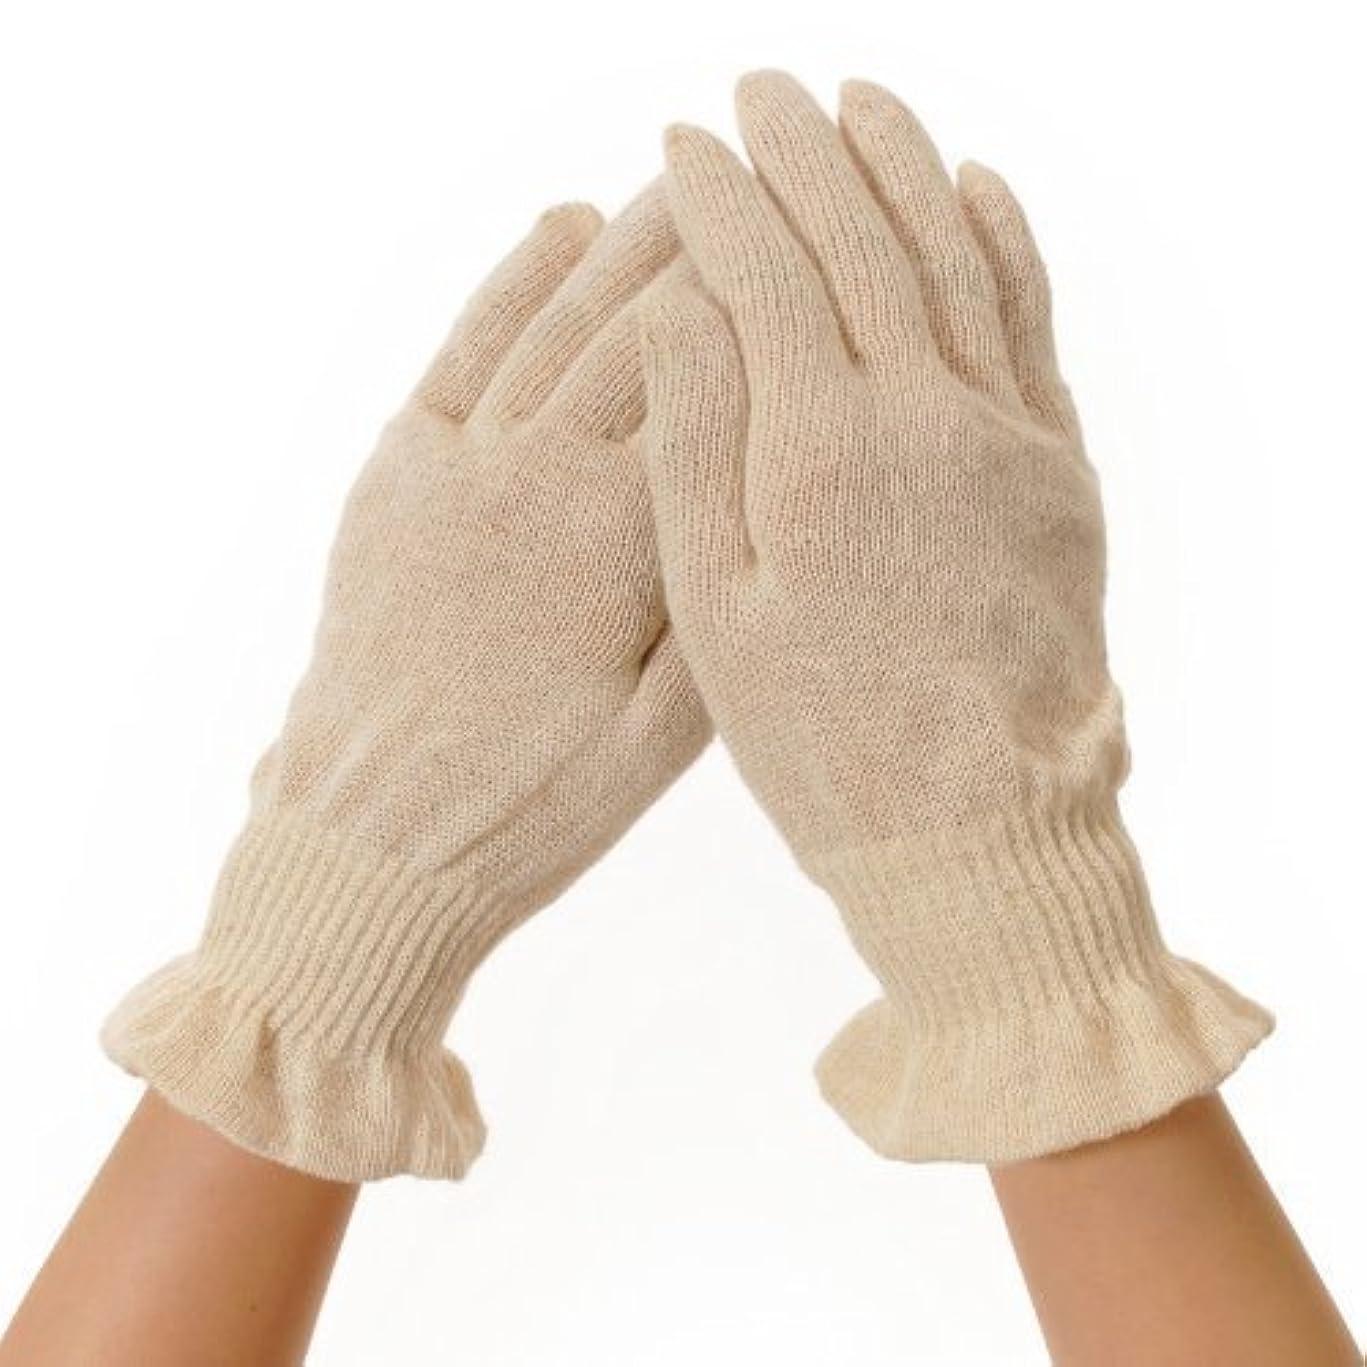 拮抗する崖常に麻福ヘンプ おやすみ手袋 きなり R (女性ゆったり/男性ジャストフィット) 麻 手荒れ 主婦湿疹 ハンドケア 冷え 保湿 保温 抗菌 ムレない 就寝用